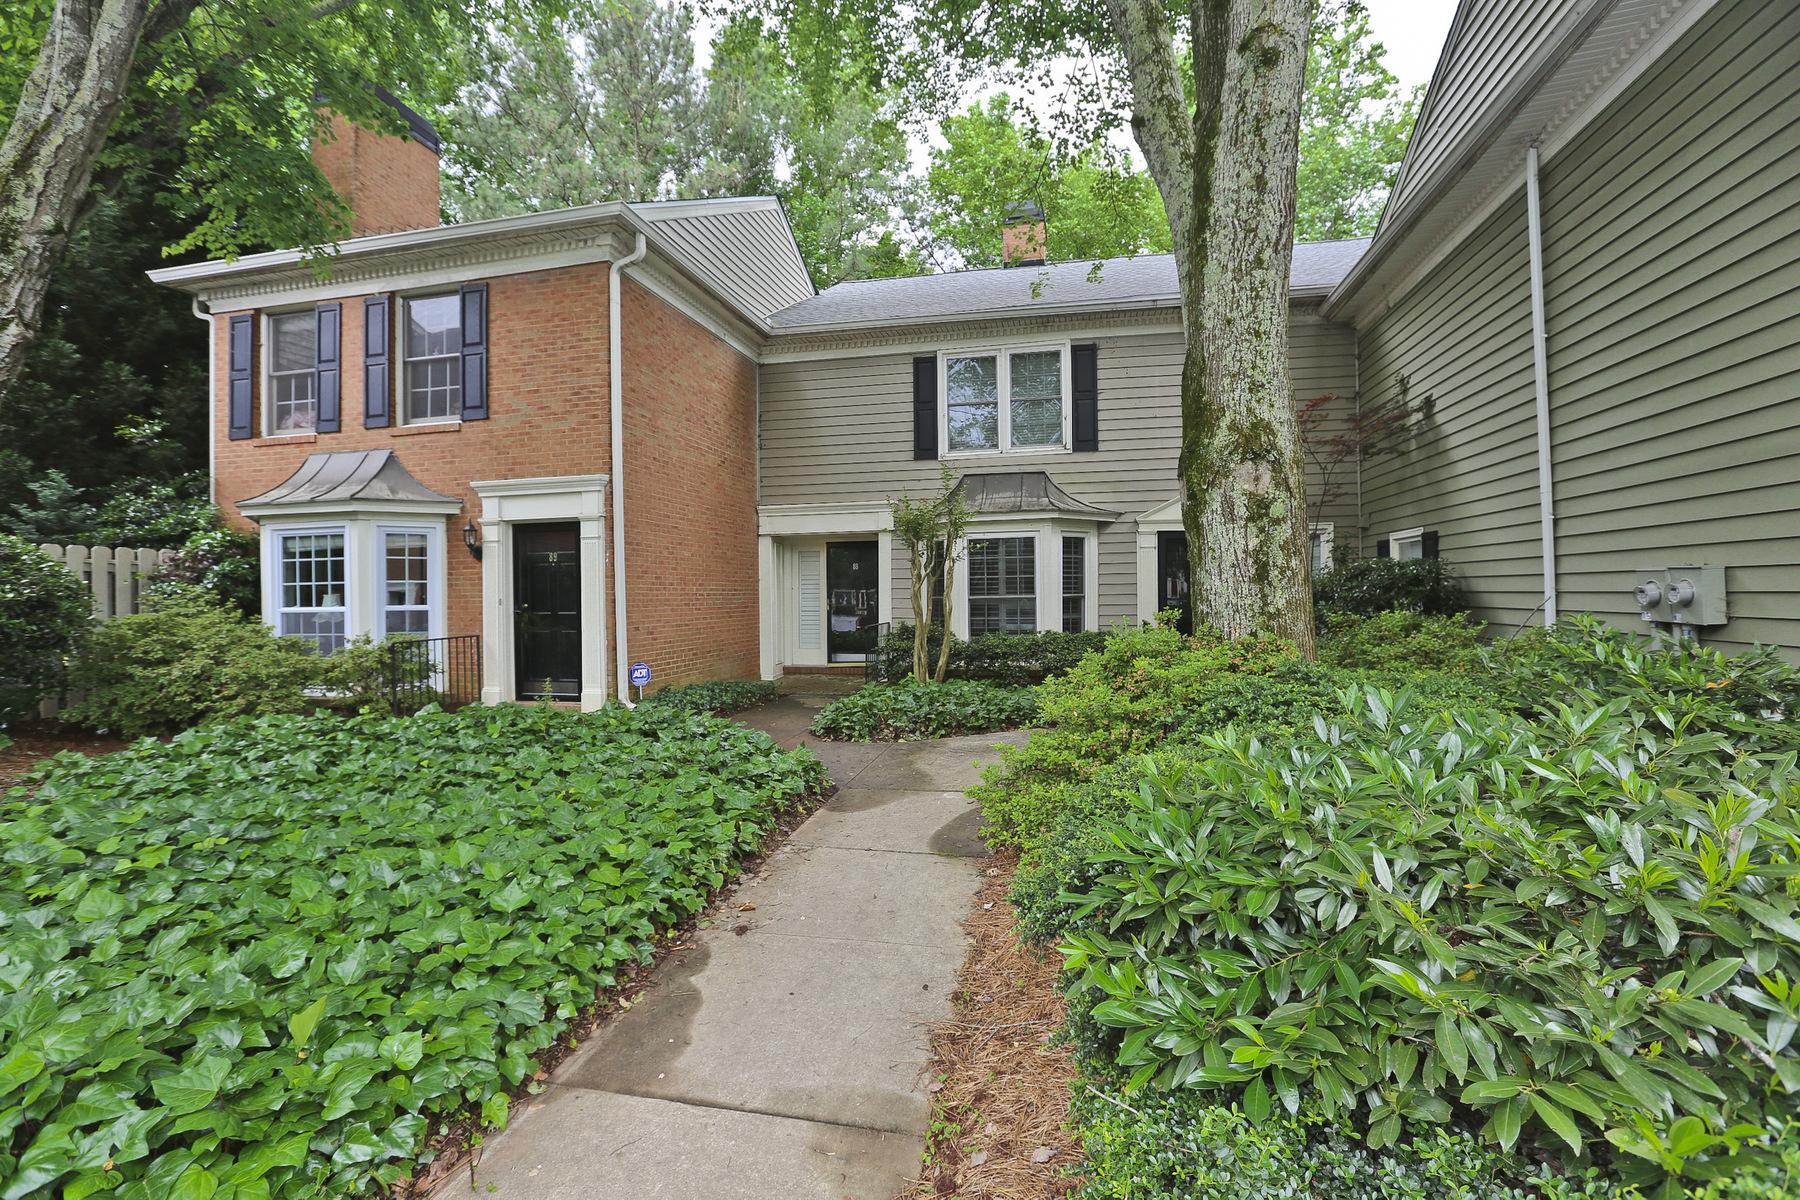 Casa Unifamiliar Adosada por un Venta en Location, Location, Location 88 Mount Vernon Circle Sandy Springs, Georgia, 30338 Estados Unidos